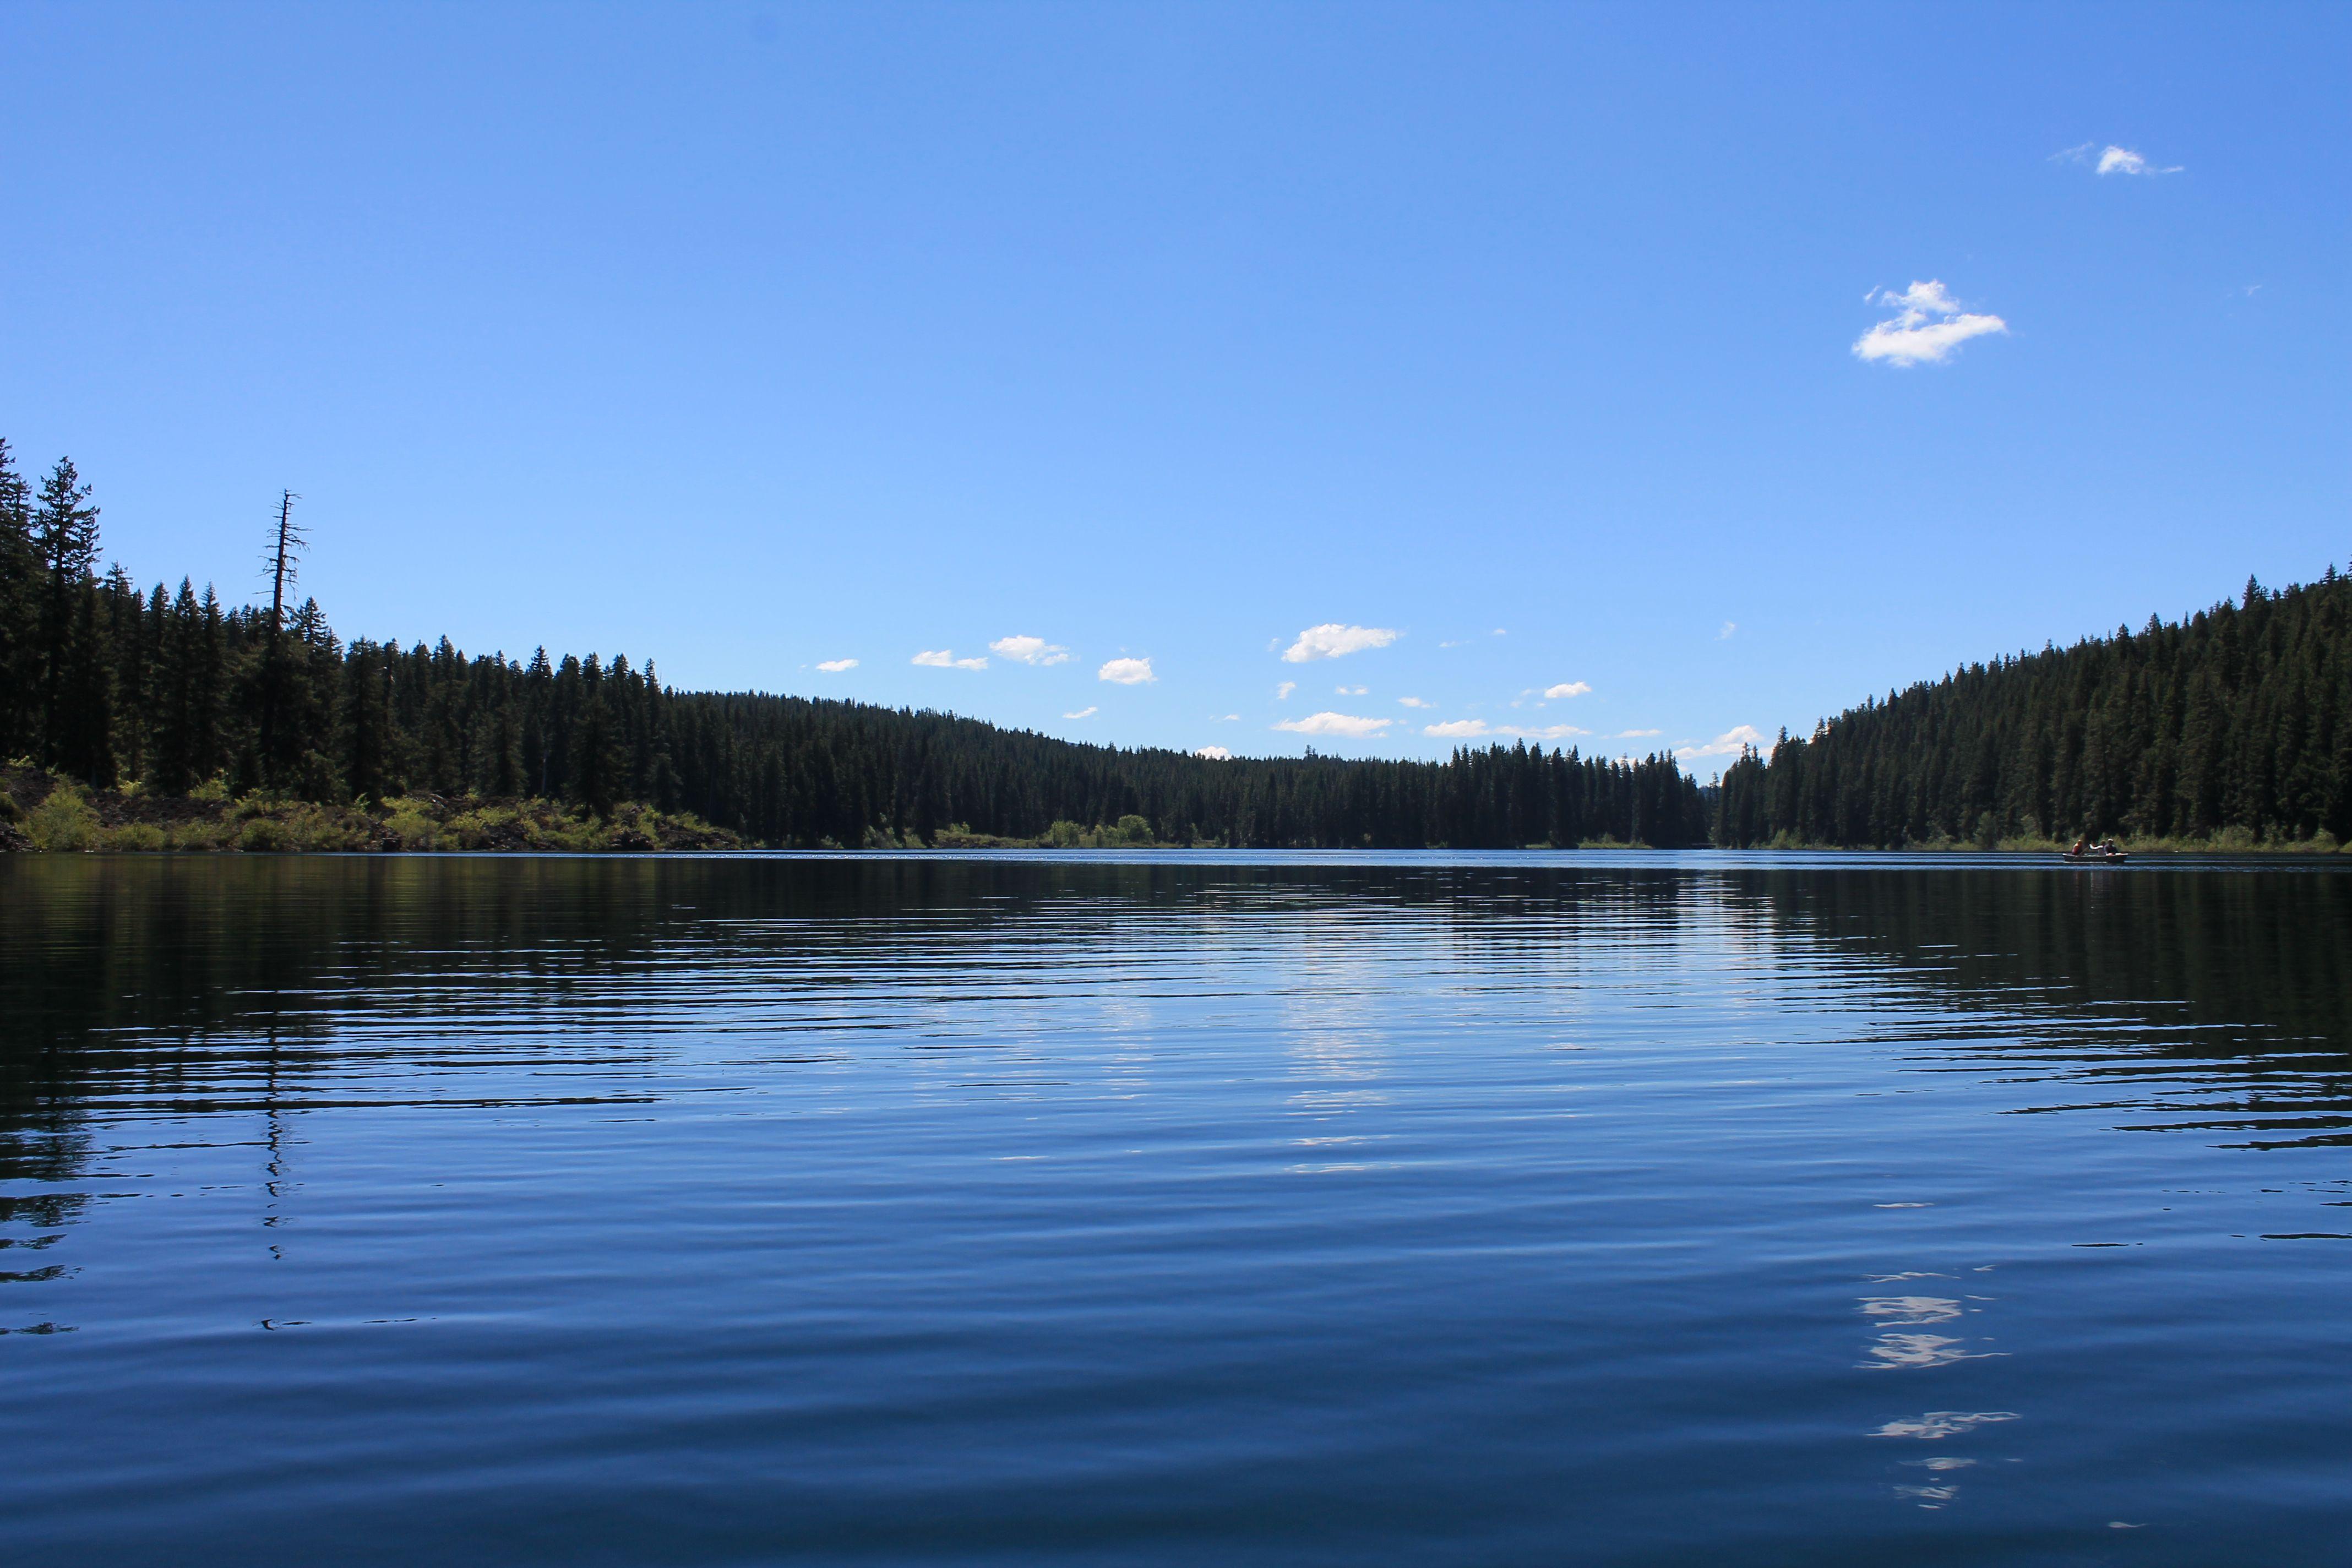 Clear Lake. McKenzie River. Hiking in Oregon. 4.6 mile